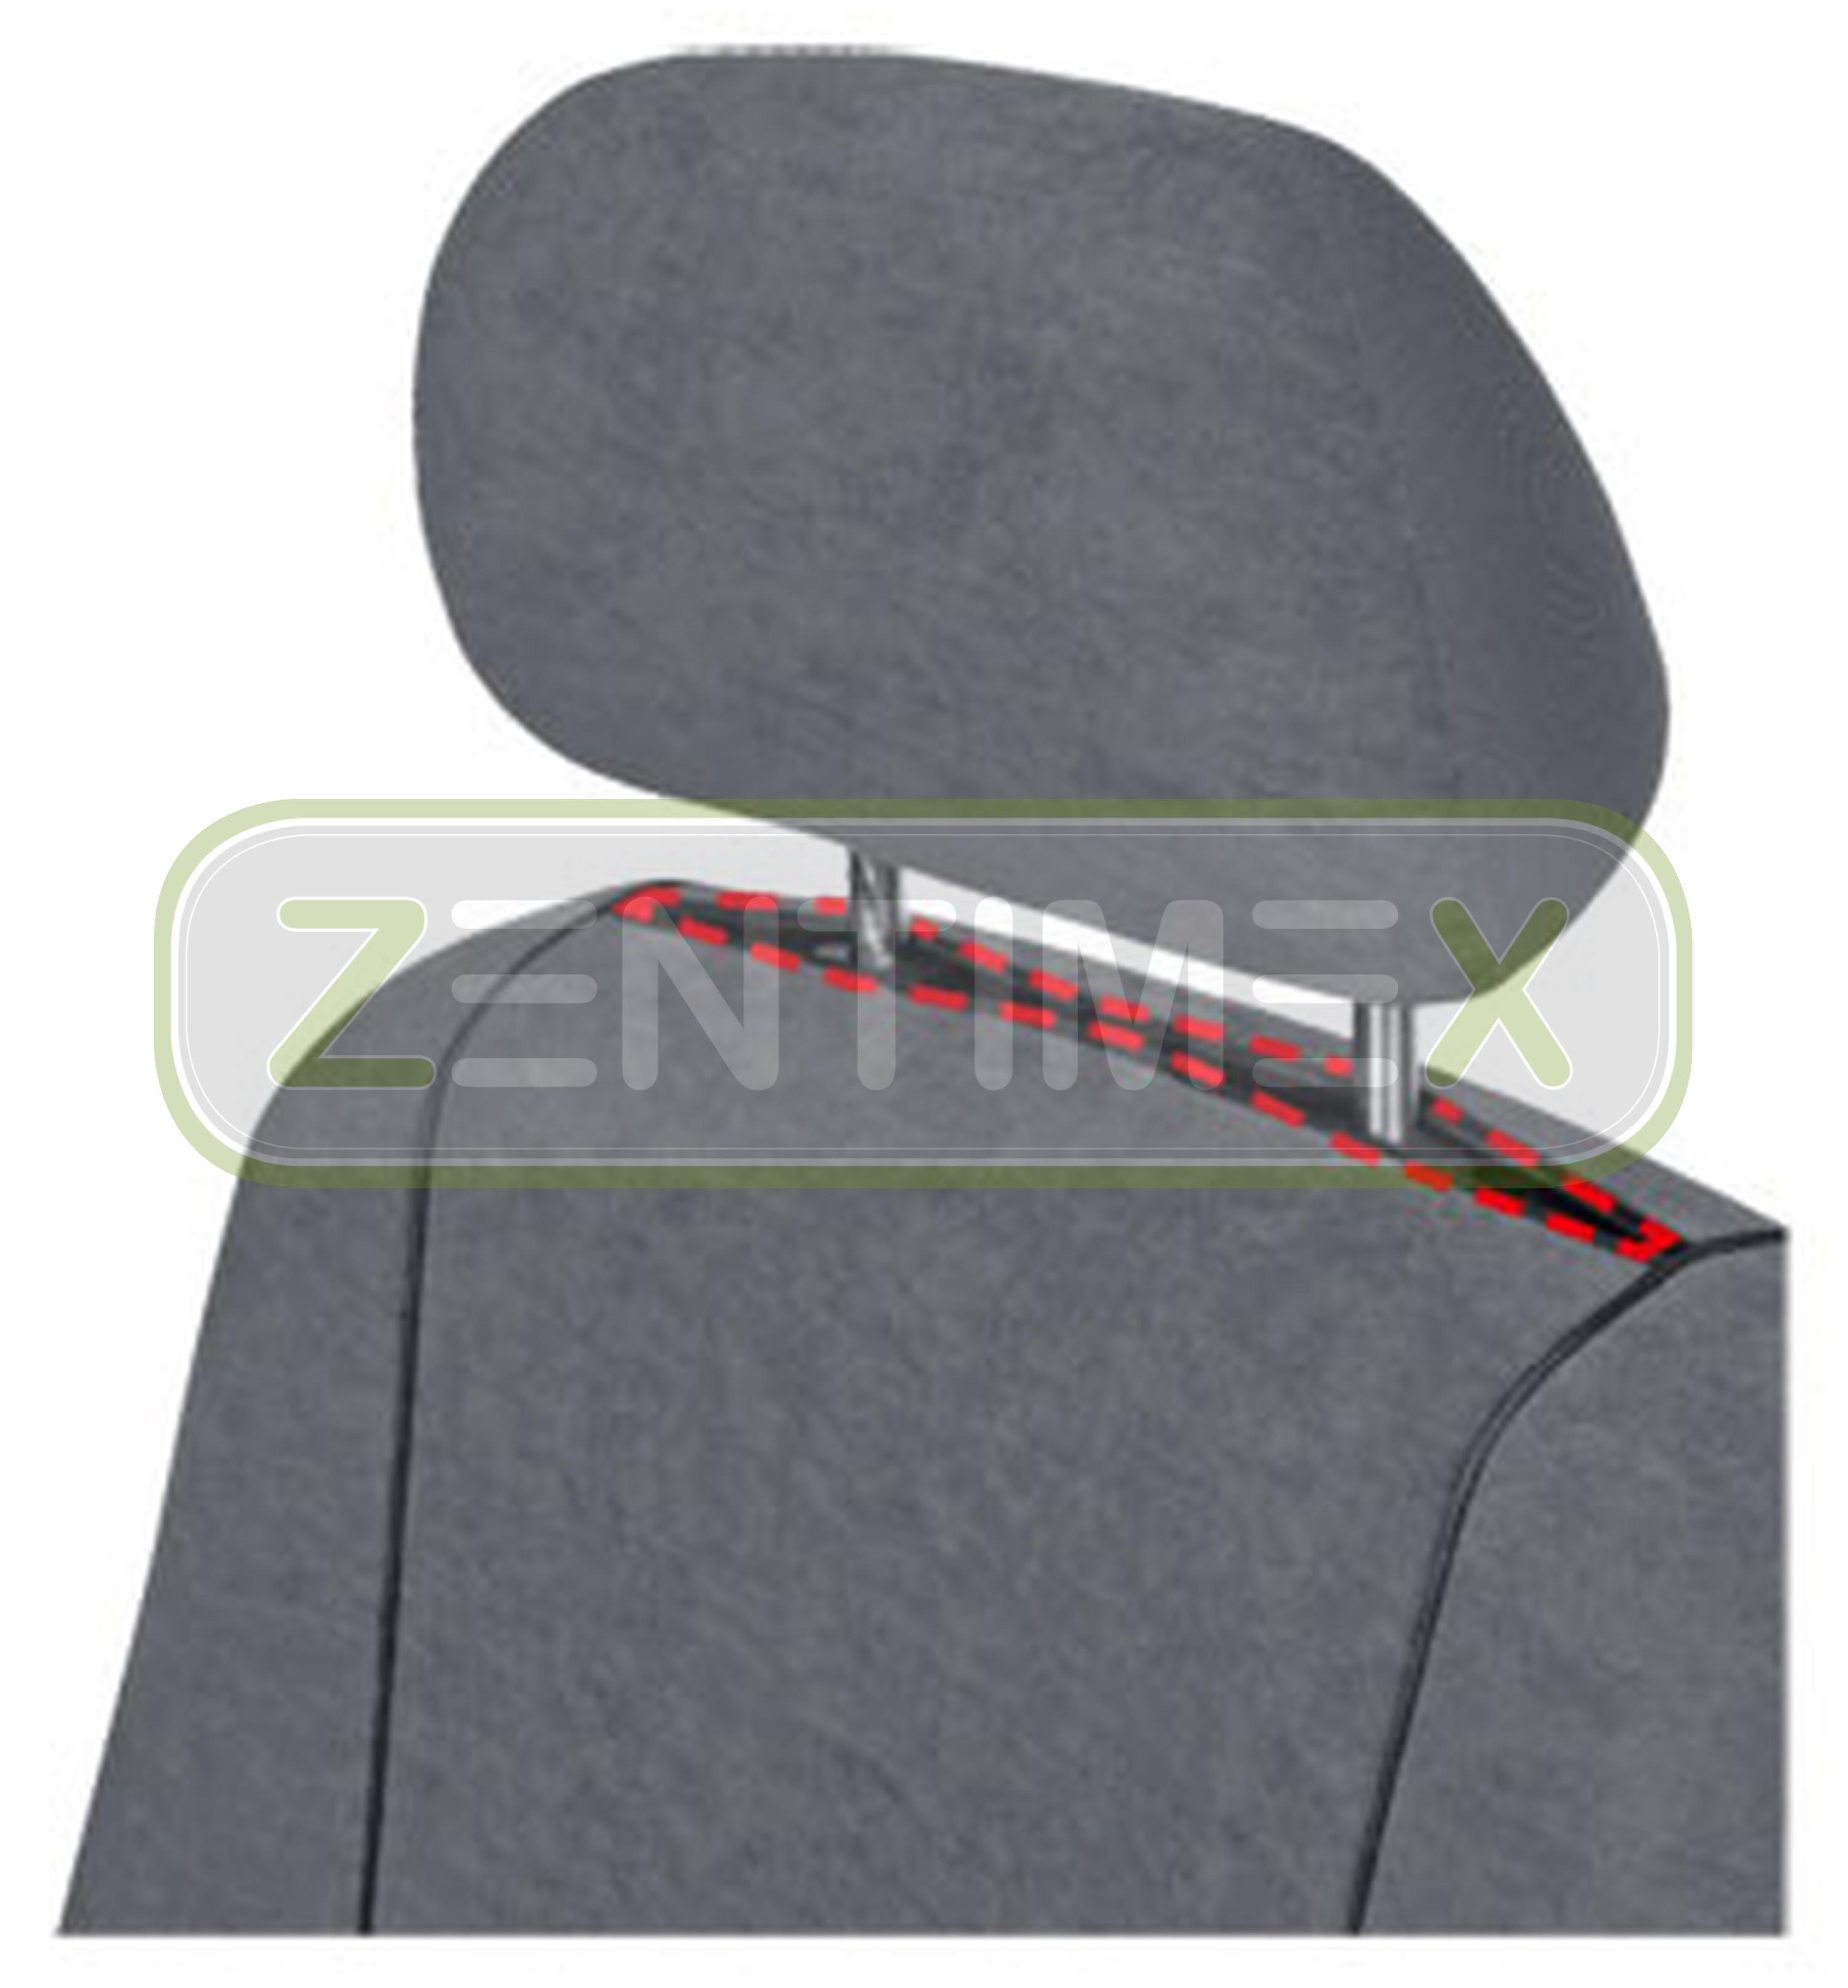 Sitzbezüge Schonbezüge SET EU Toyota Hiace Stoff dunkel grau